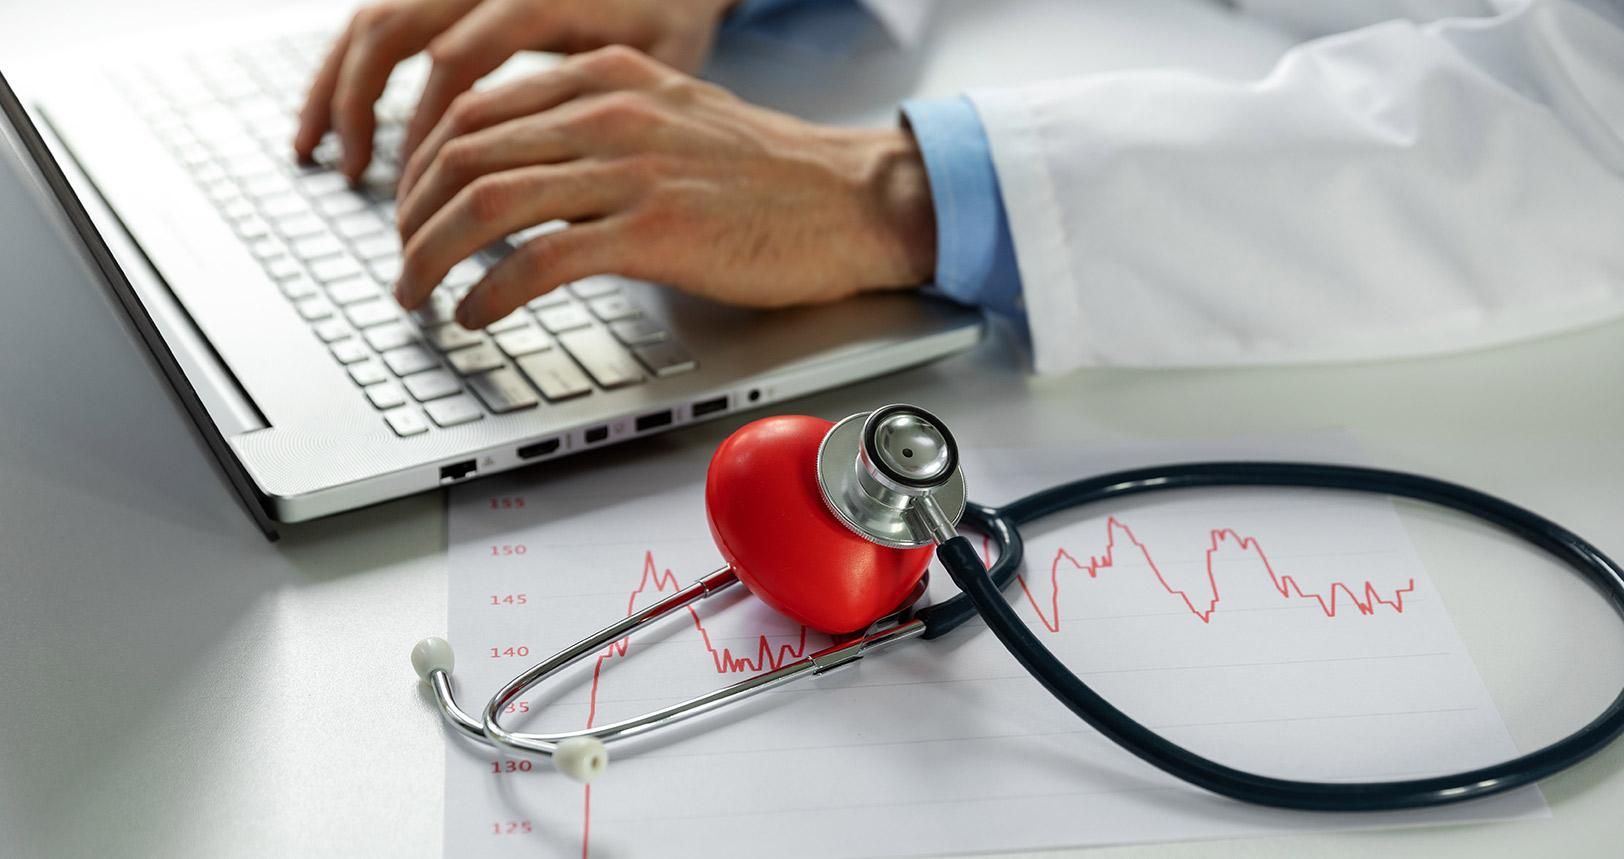 accurate visite cardiovascolare mirate per verificare lo stato di salute dell apparato cardiocircolatorio a scopo preventivo che curativo a perugia e citta della pieve